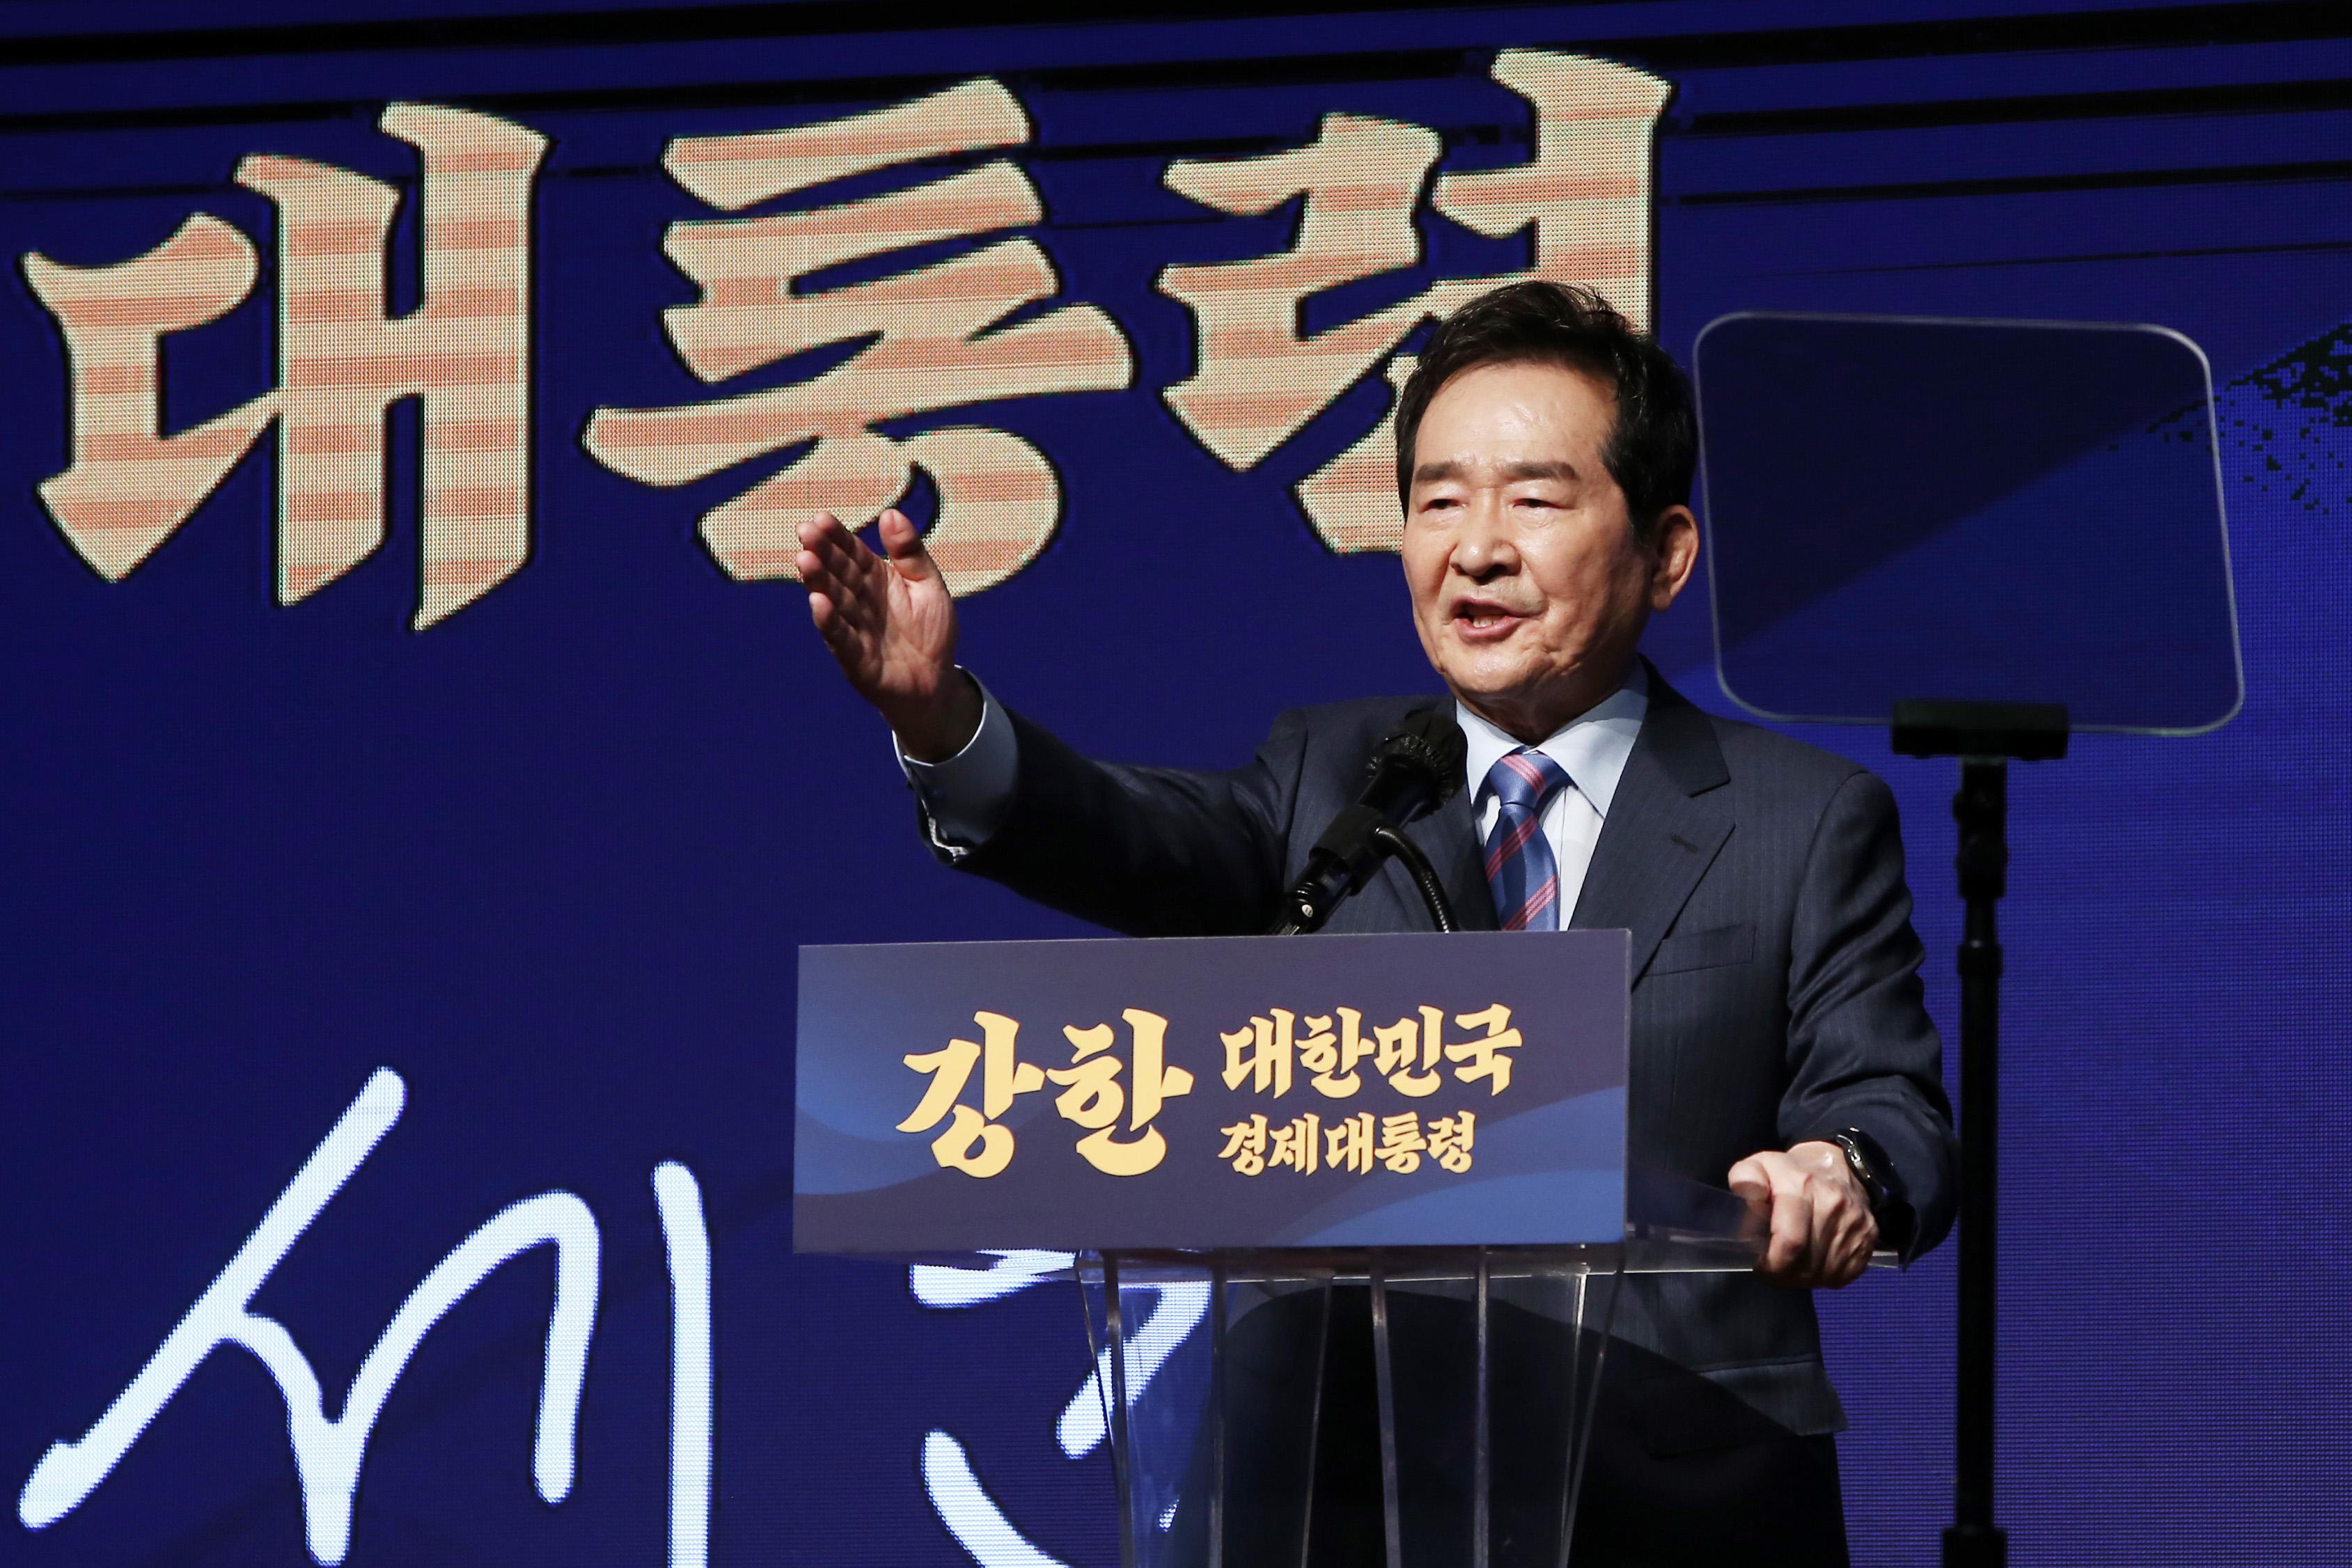 """'대선 출마선언' 정세균 """"강한 경제대통령 되겠다"""""""